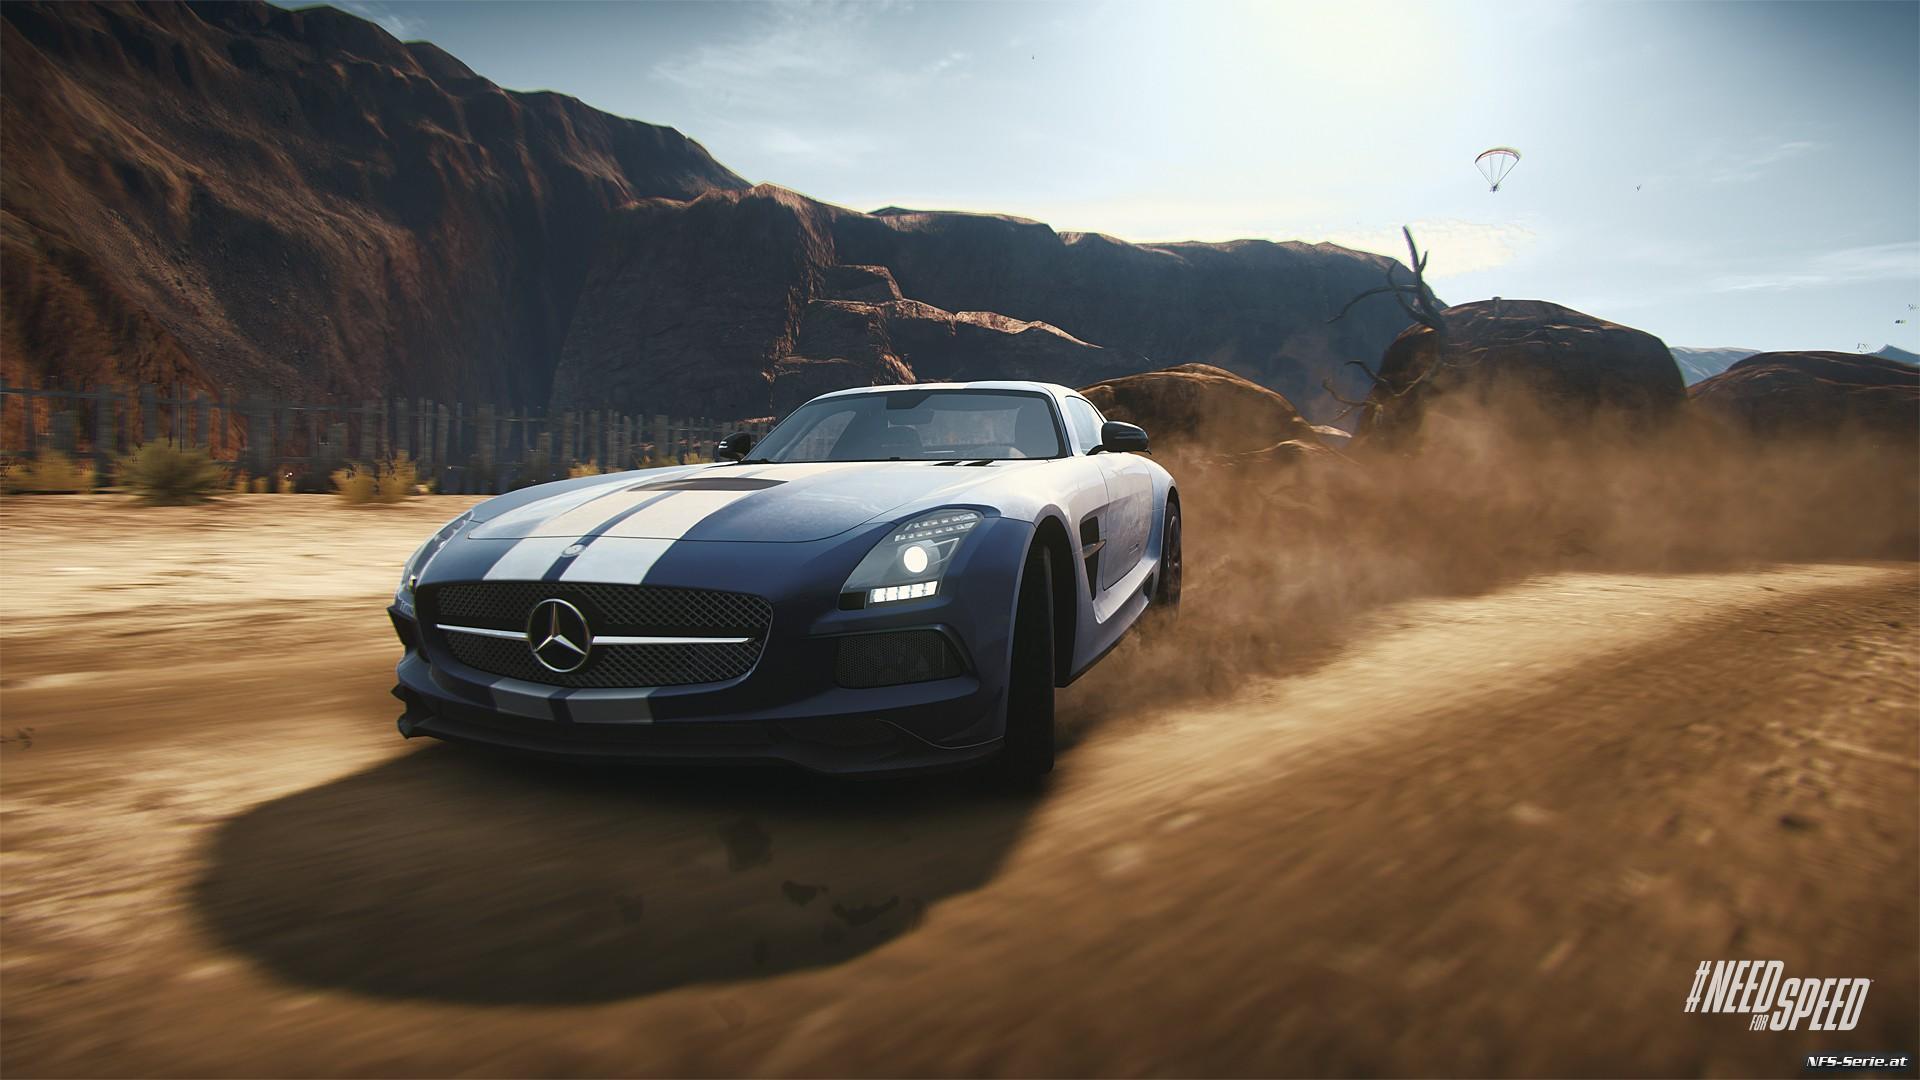 Mercedes Benz Hd Wallpapers 1080p Mercedes Benz Sls Amg Coupe Black Series Full Hd Wallpaper